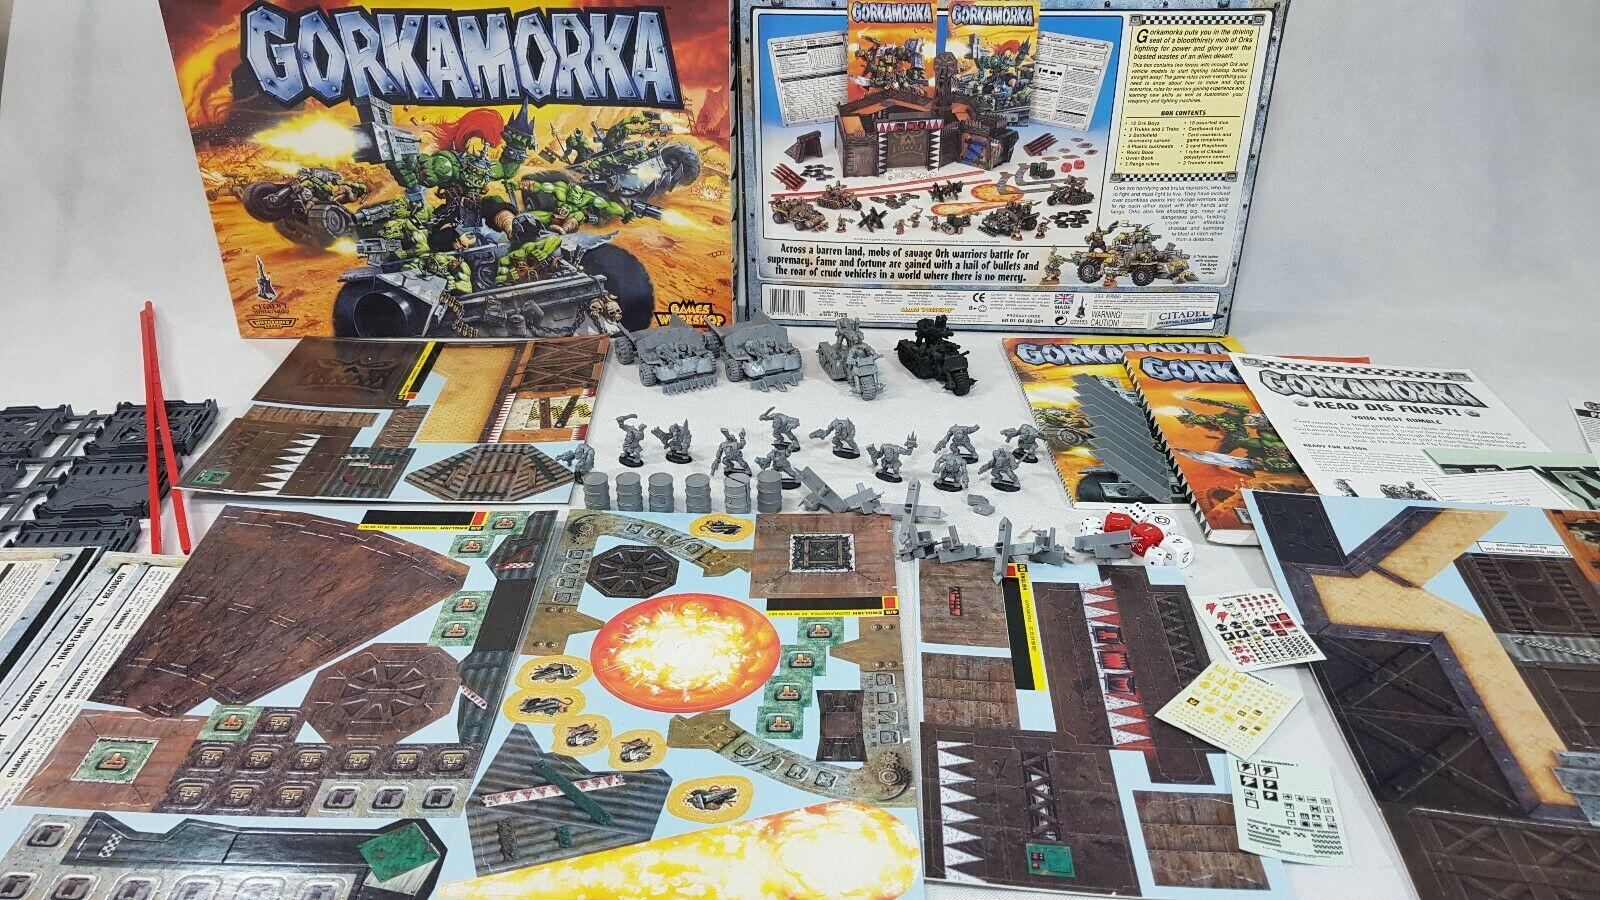 Warhammer 40k-Gorkamorka Juego De Mesa Completo Sin Pintar ENLOMADOR [1997], ENG